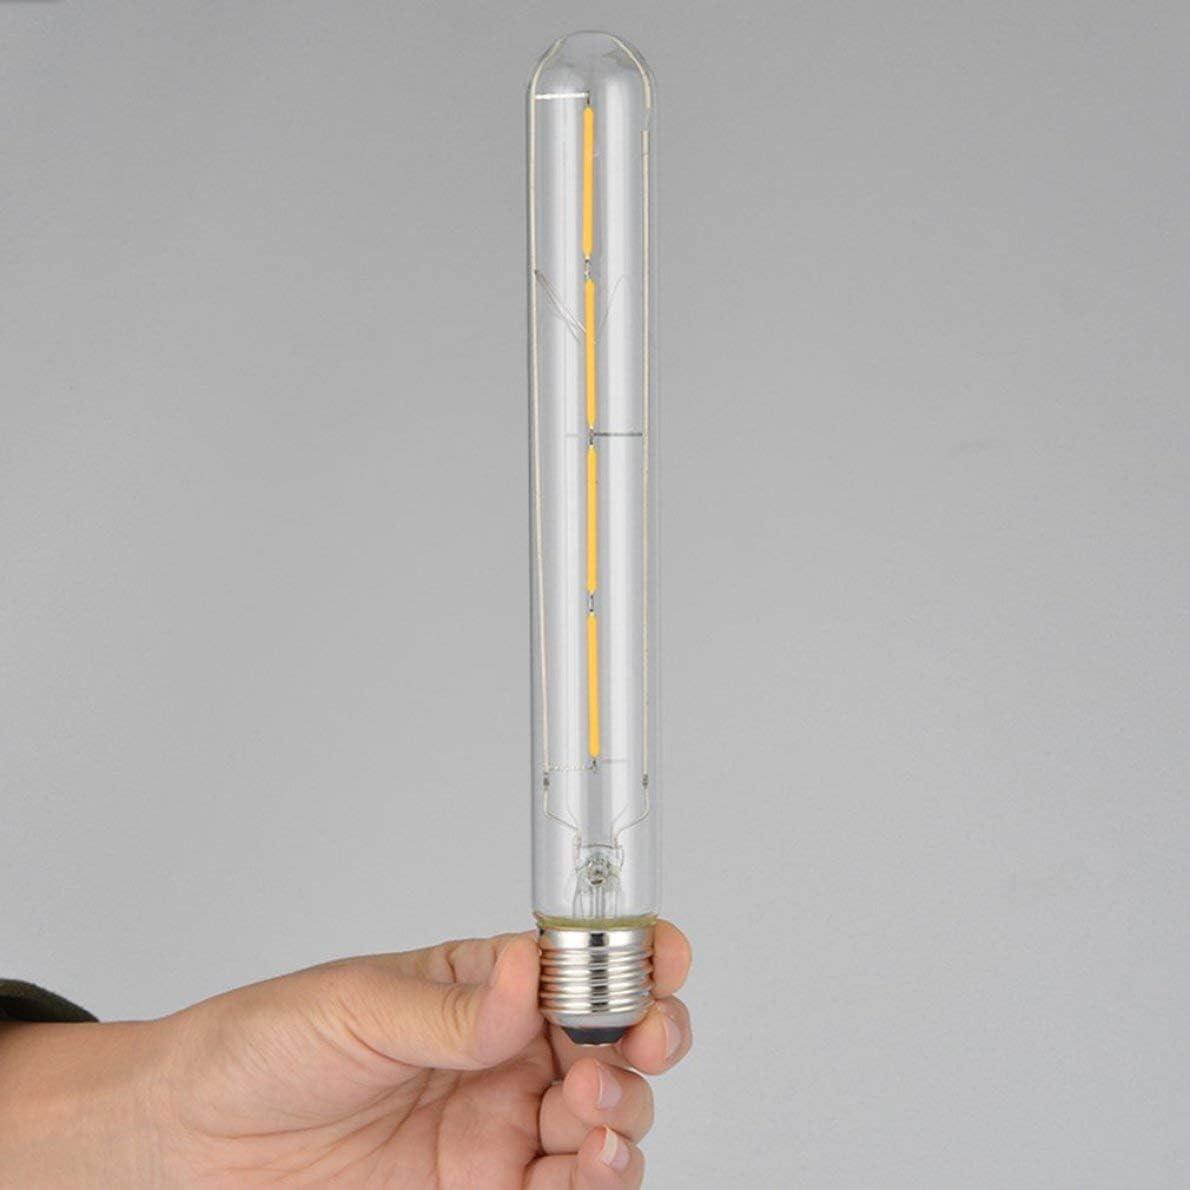 E27 Edison LED Bulb Vintage Rustic Style 4W Filament Bulb T300 Decor LampTJ